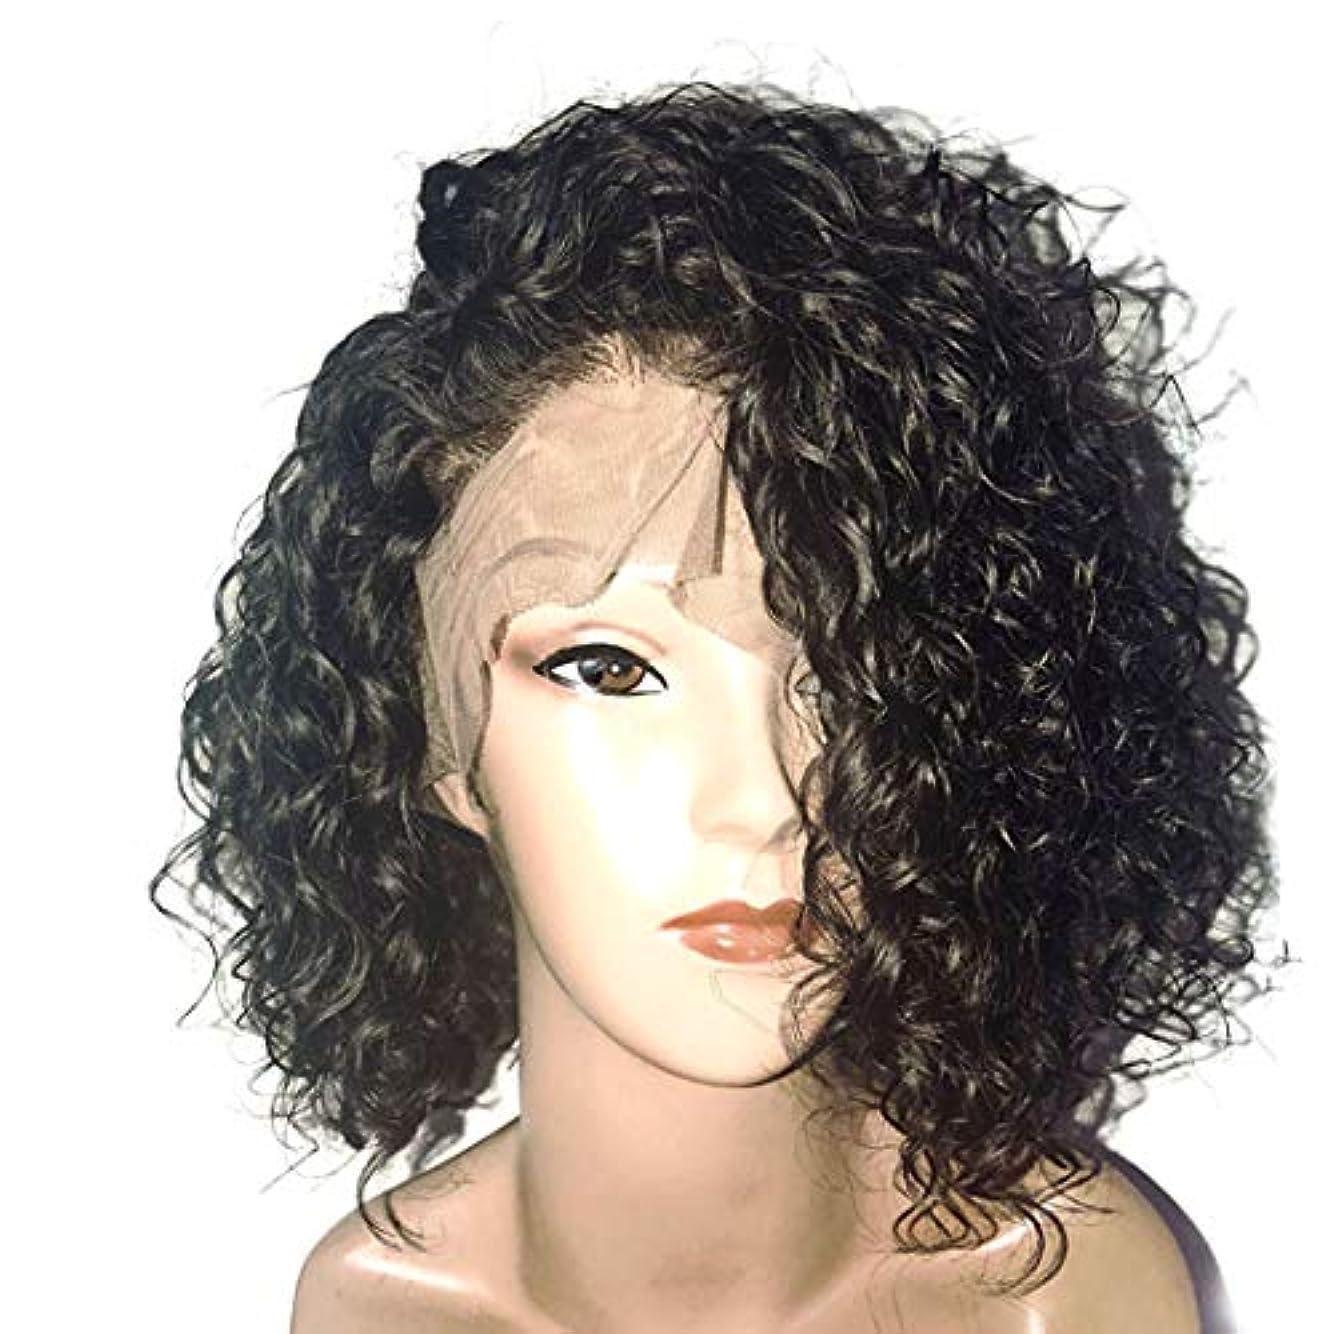 ファッション種類型YOUQIU 1黒ショートヘアウィッグ、レディースセクシーカーリーヘアフロントレースケミカルショートカーリーヘアウィッグウィッグ (色 : 黒)